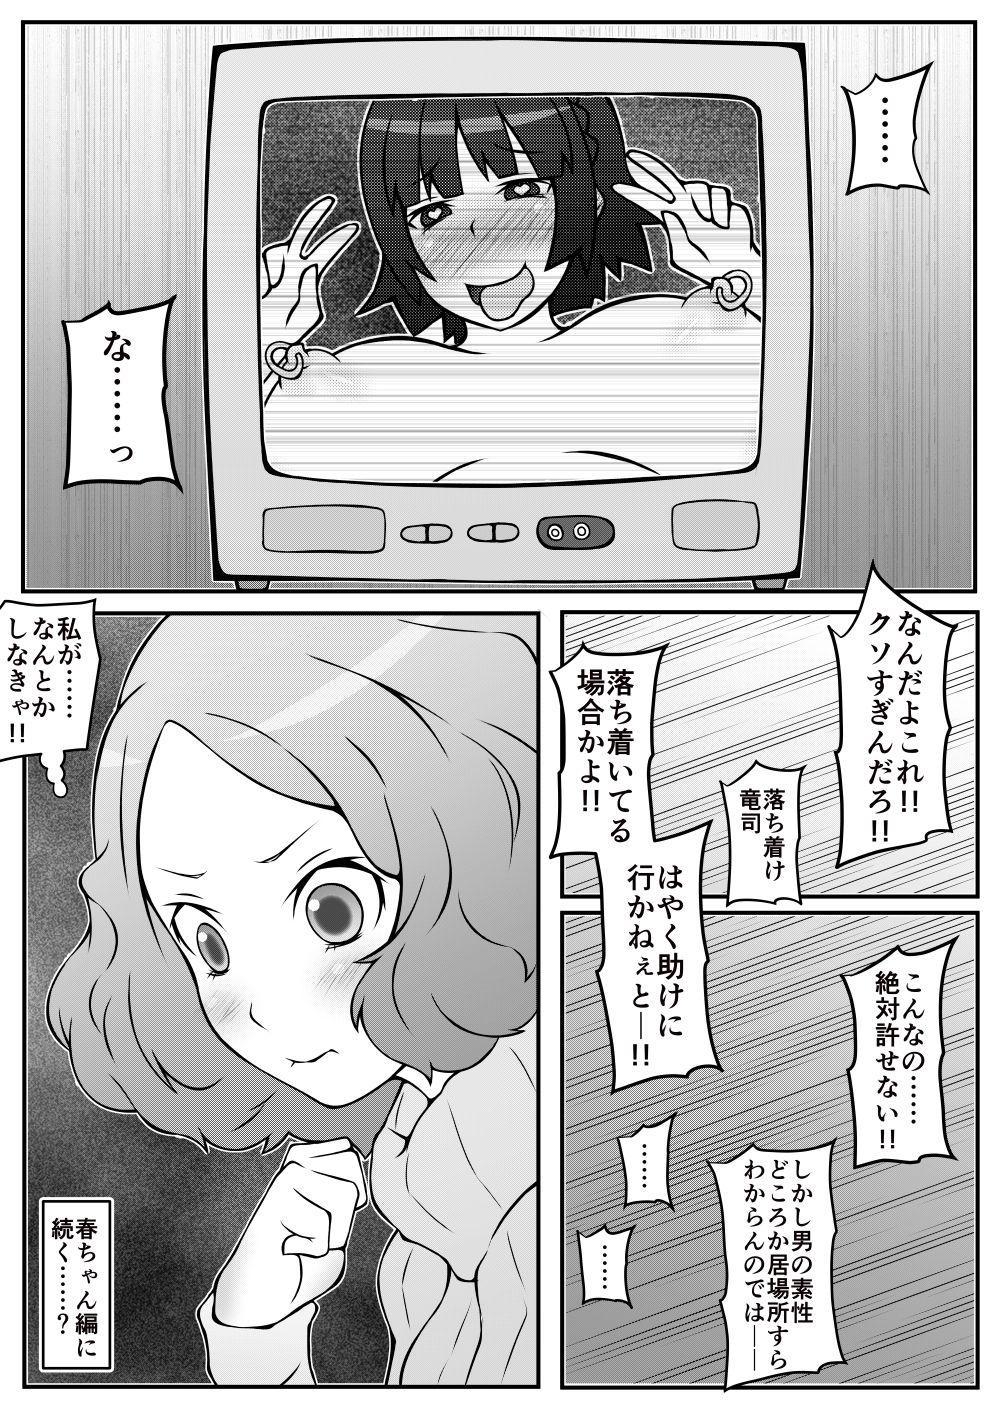 Sen'nō Sumi! Yakudzuke Mako-chan no Kairaku Shussan Bideoretā 4